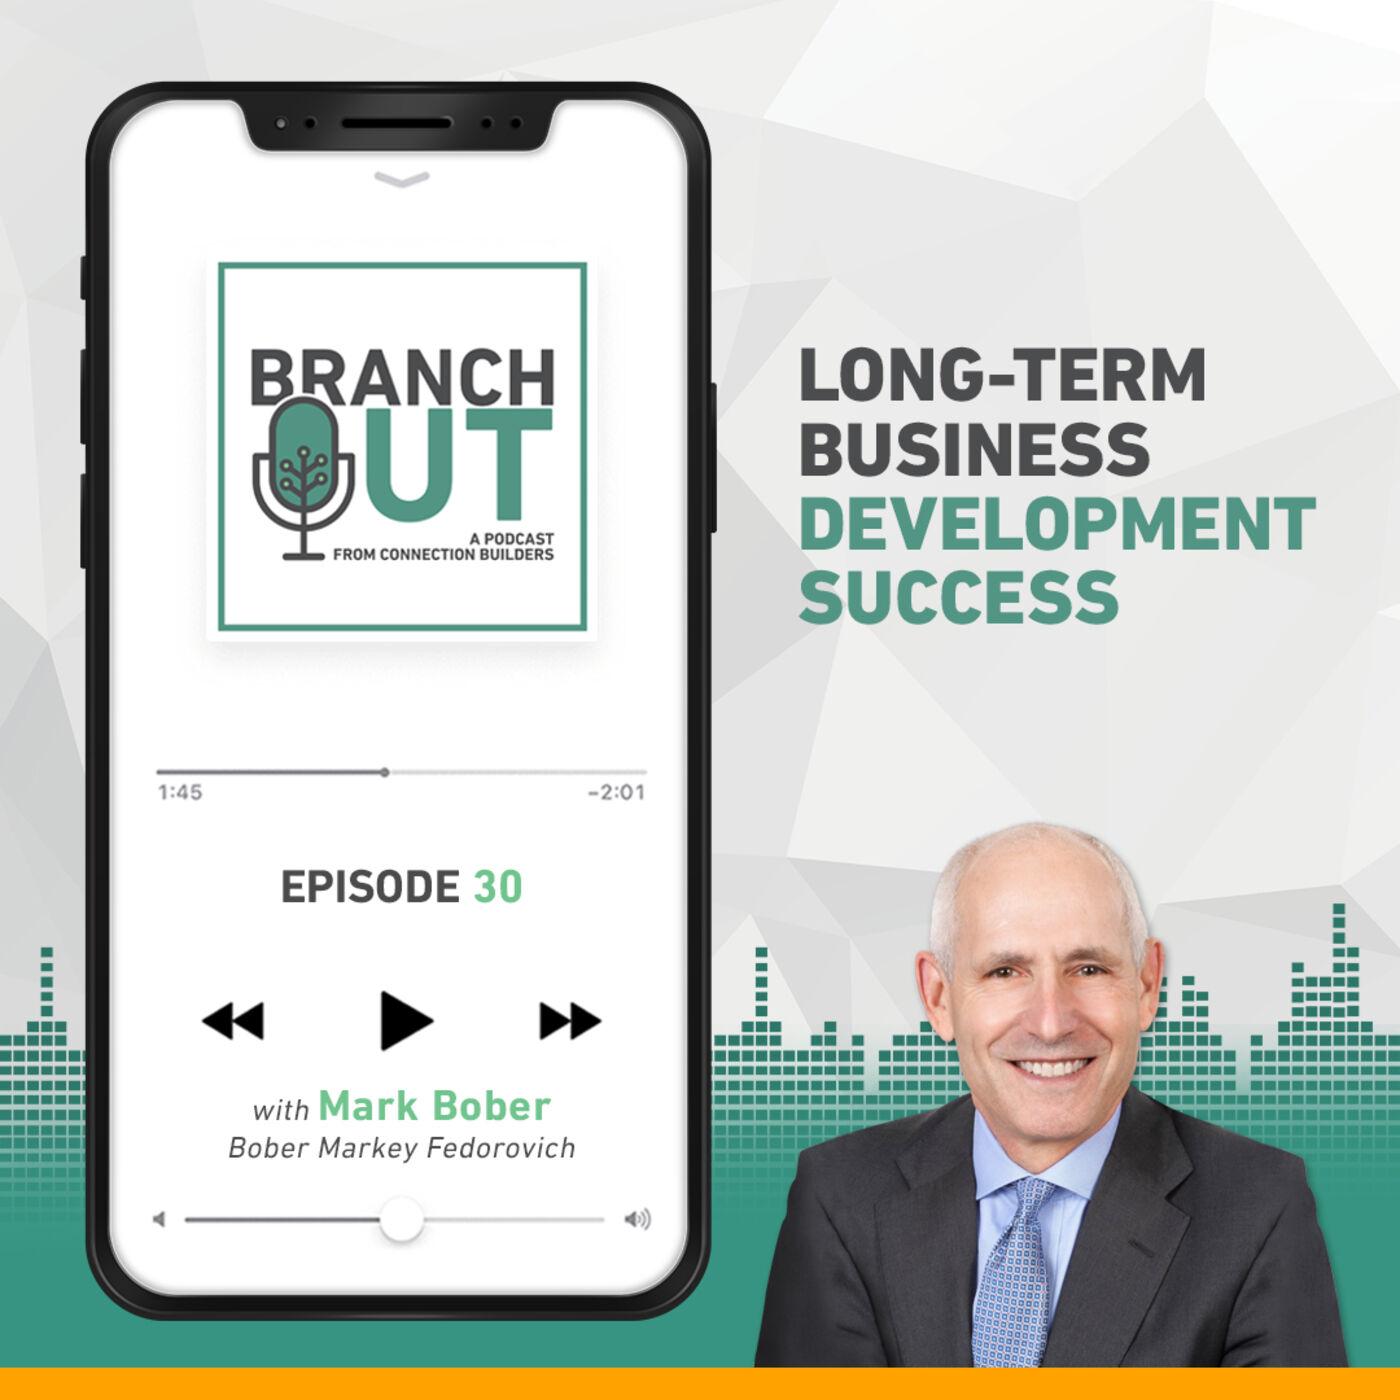 Long-Term Business Development Success – Mark Bober